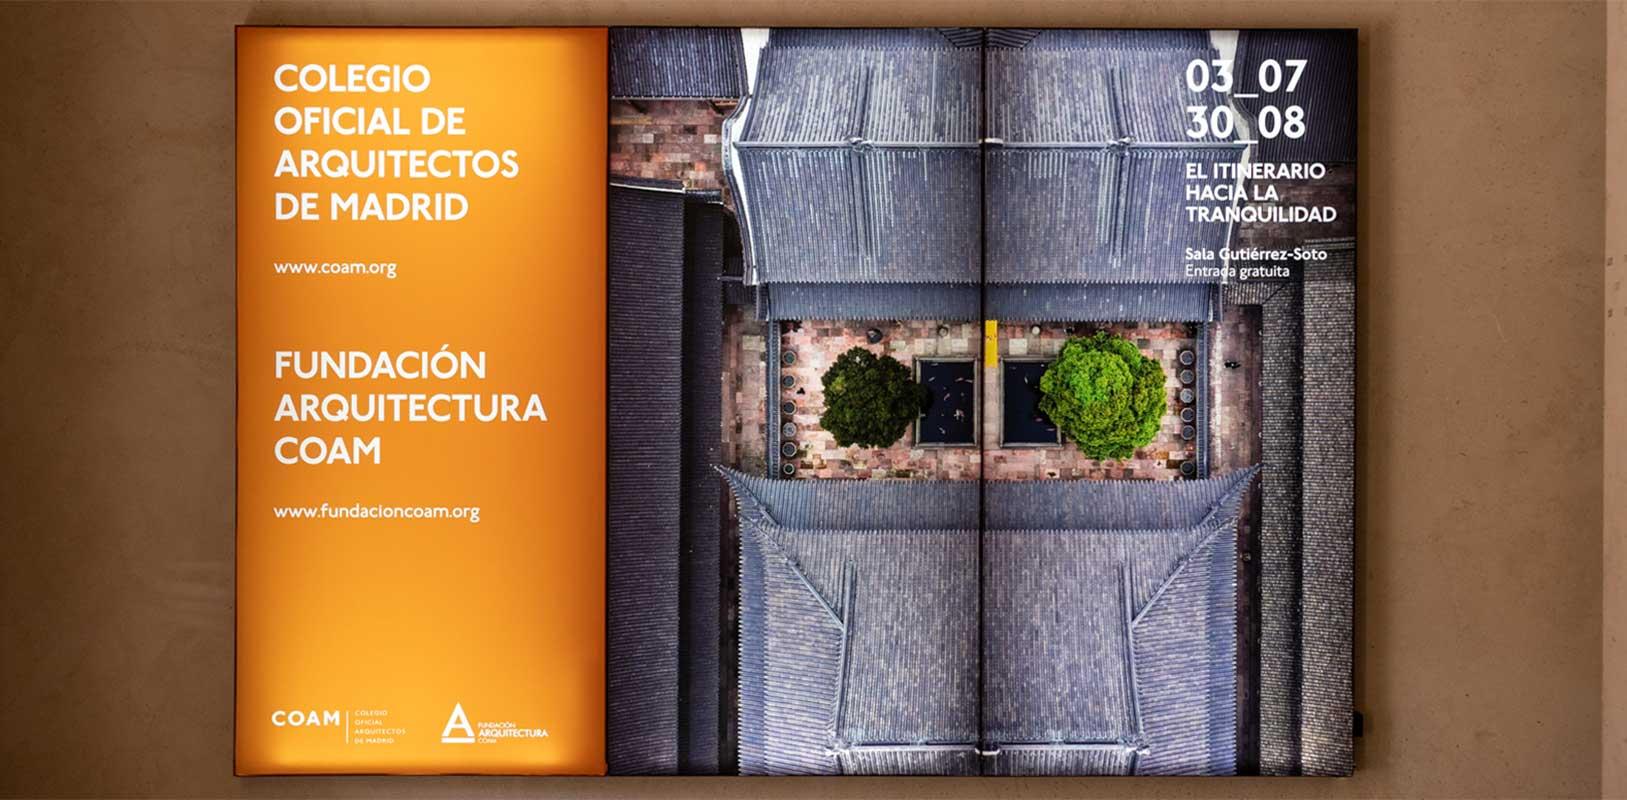 Producción gráfica, señalética y cartelería para edificio COAM Madrid